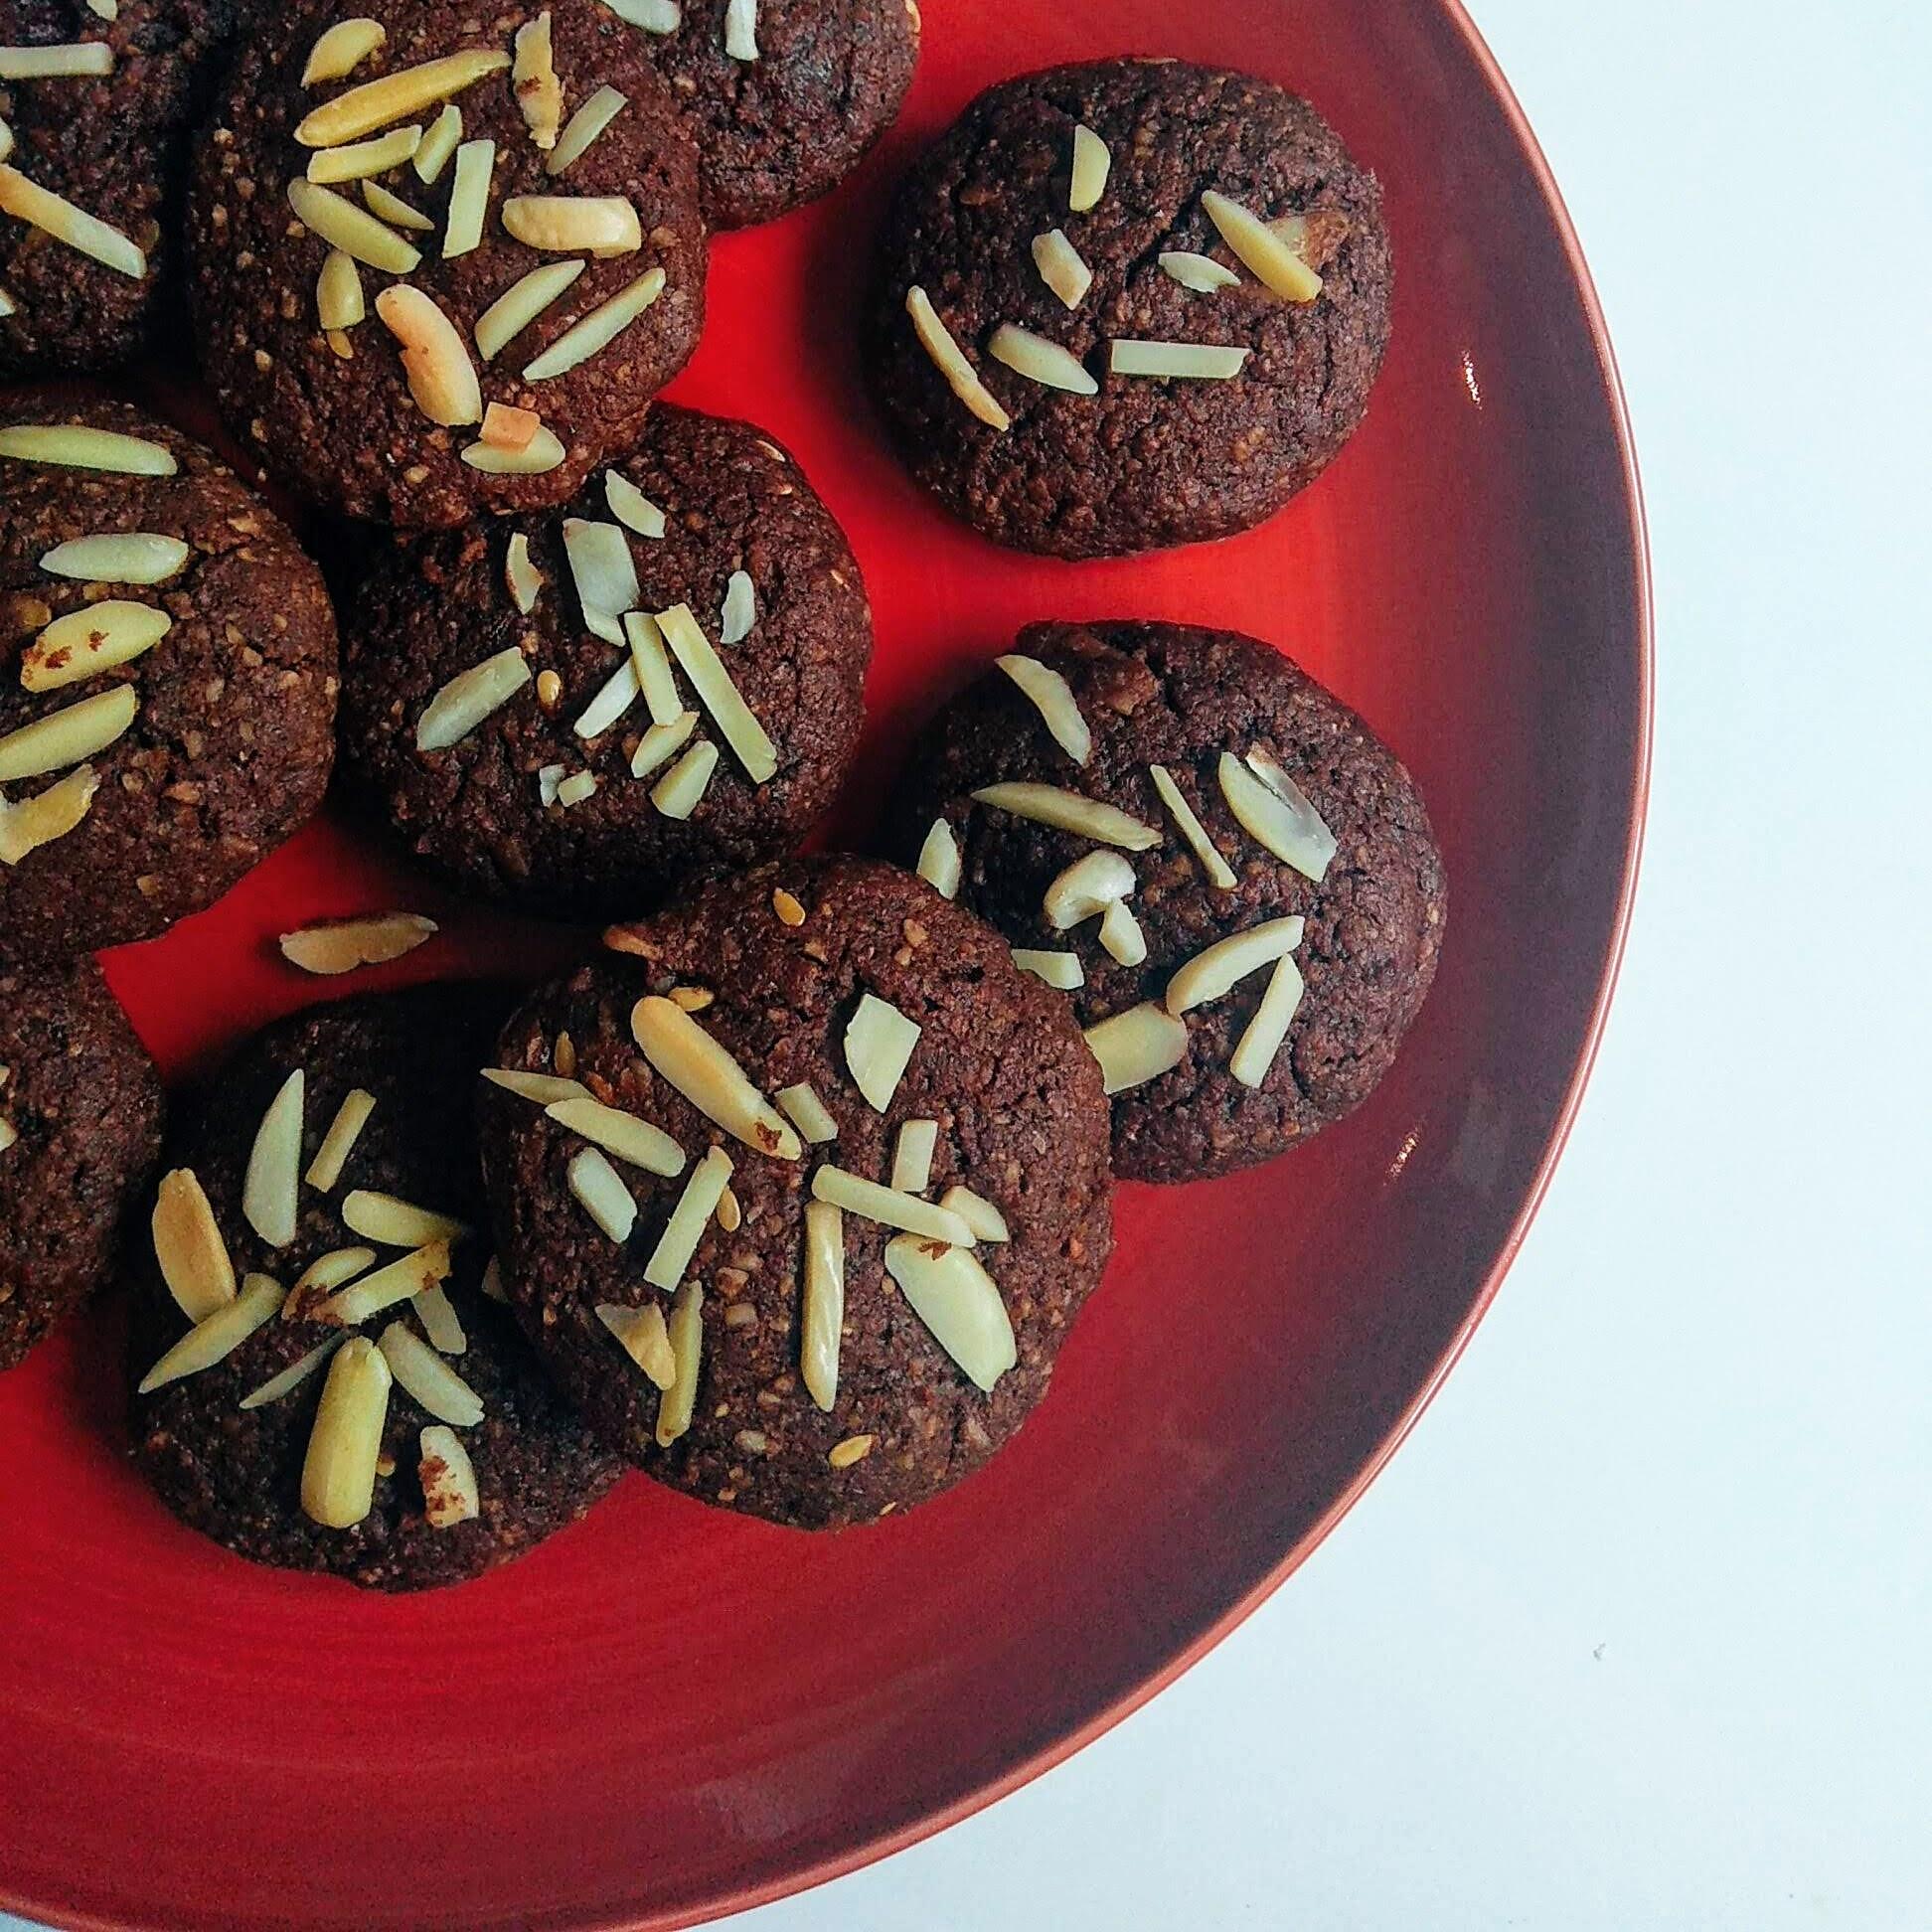 Receta fácil de galletas de almendra y chocolate saludables. Descúbrela en: www.cocinandoconlola.com